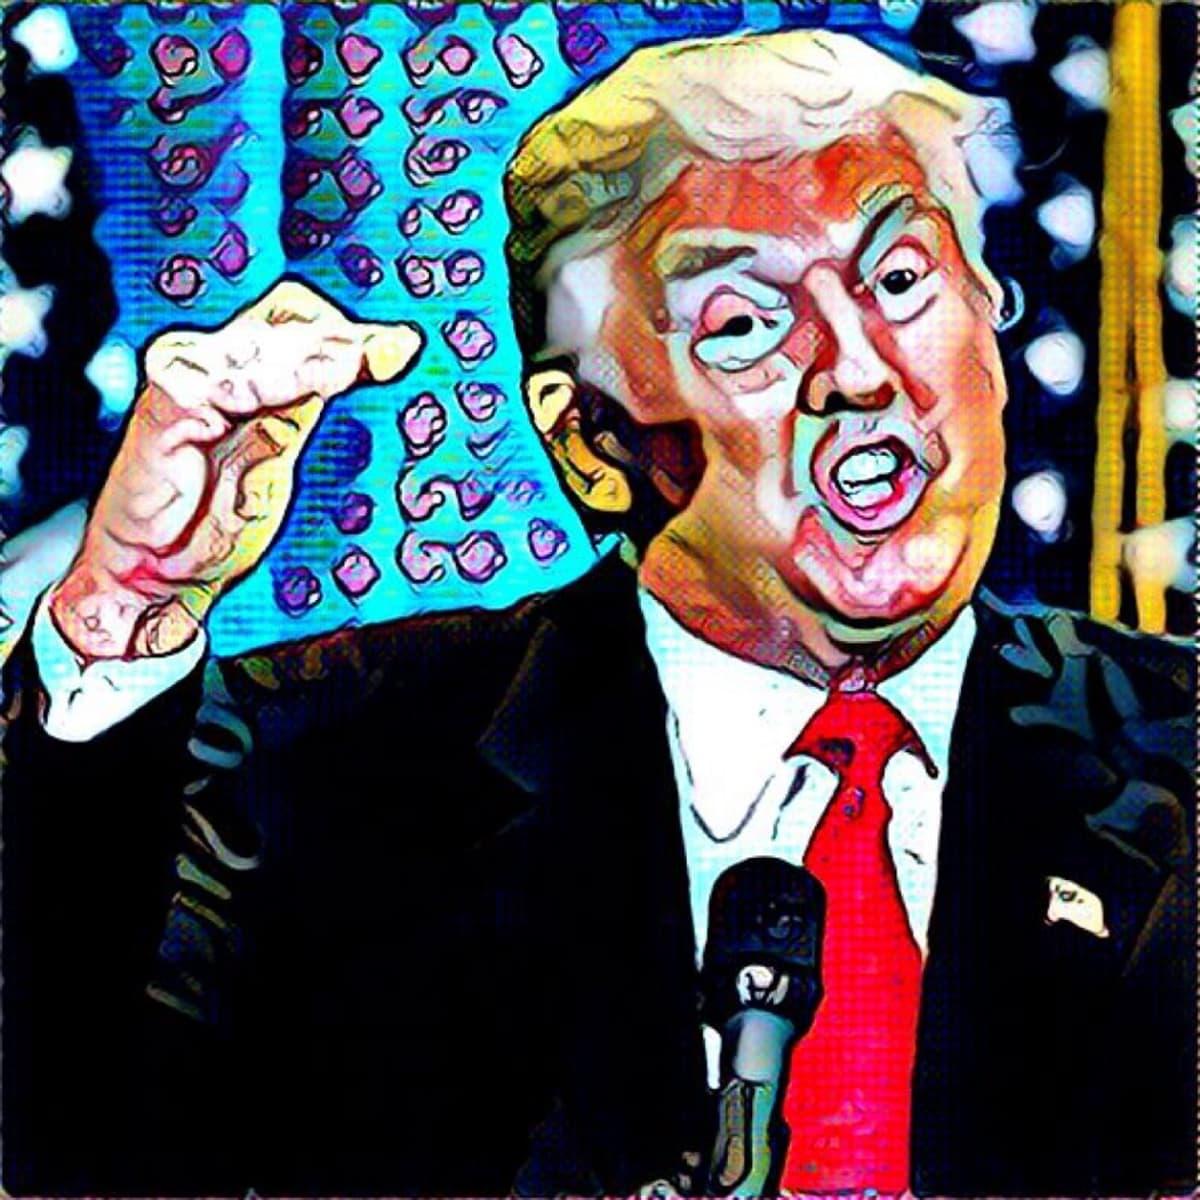 Donald Trumpia esittävä valokuva, jota on käsitelty graafiseksi.